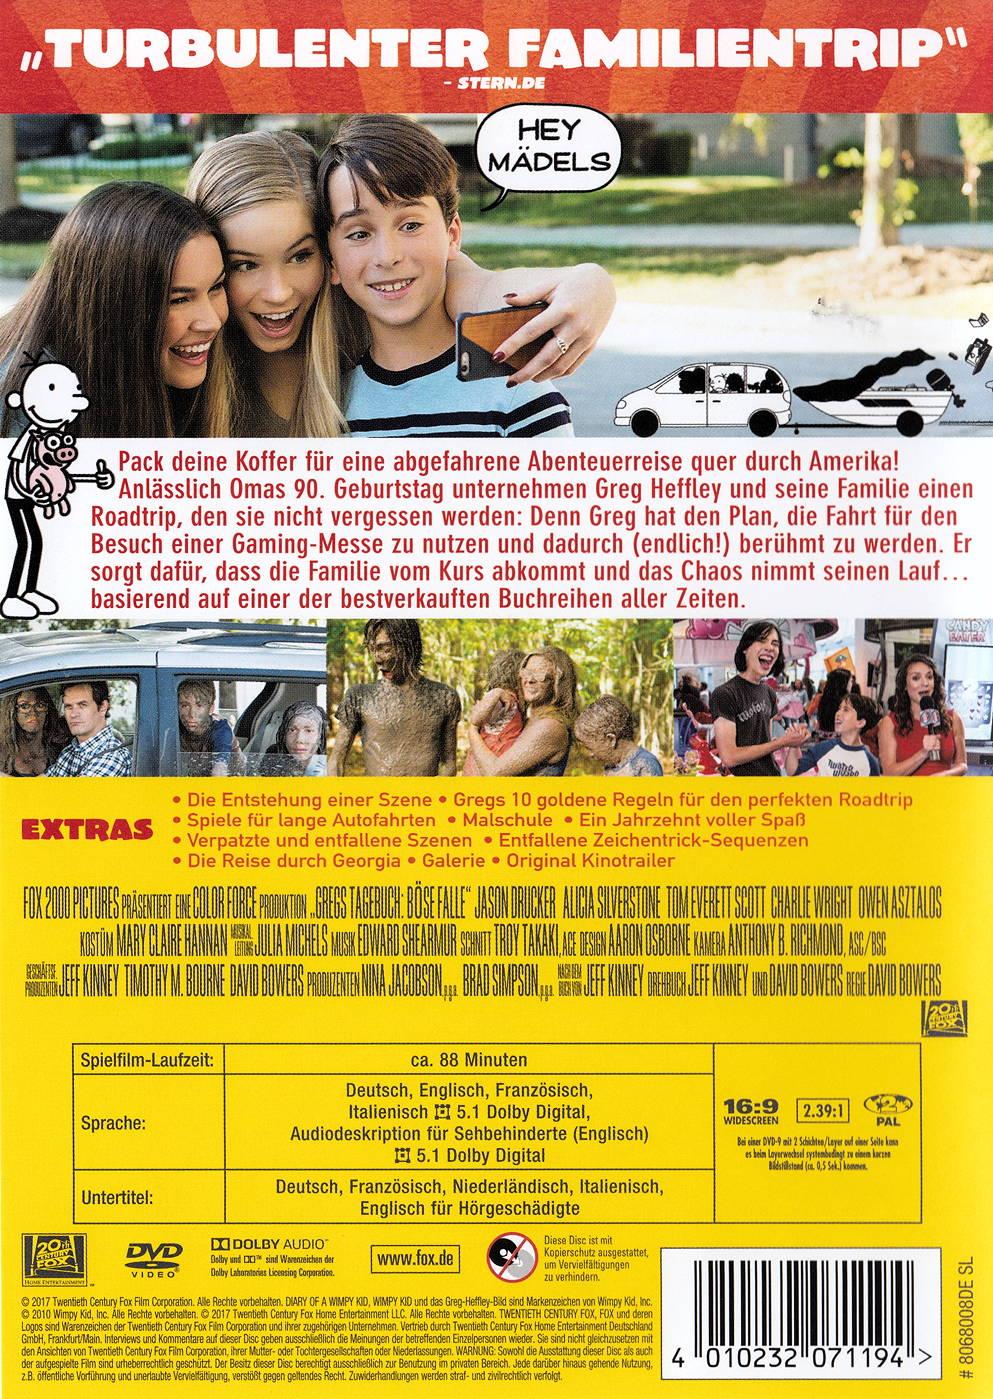 Film Gregs Tagebuch 4 - Böse Falle! auf DVD oder Blu-ray kaufen ...